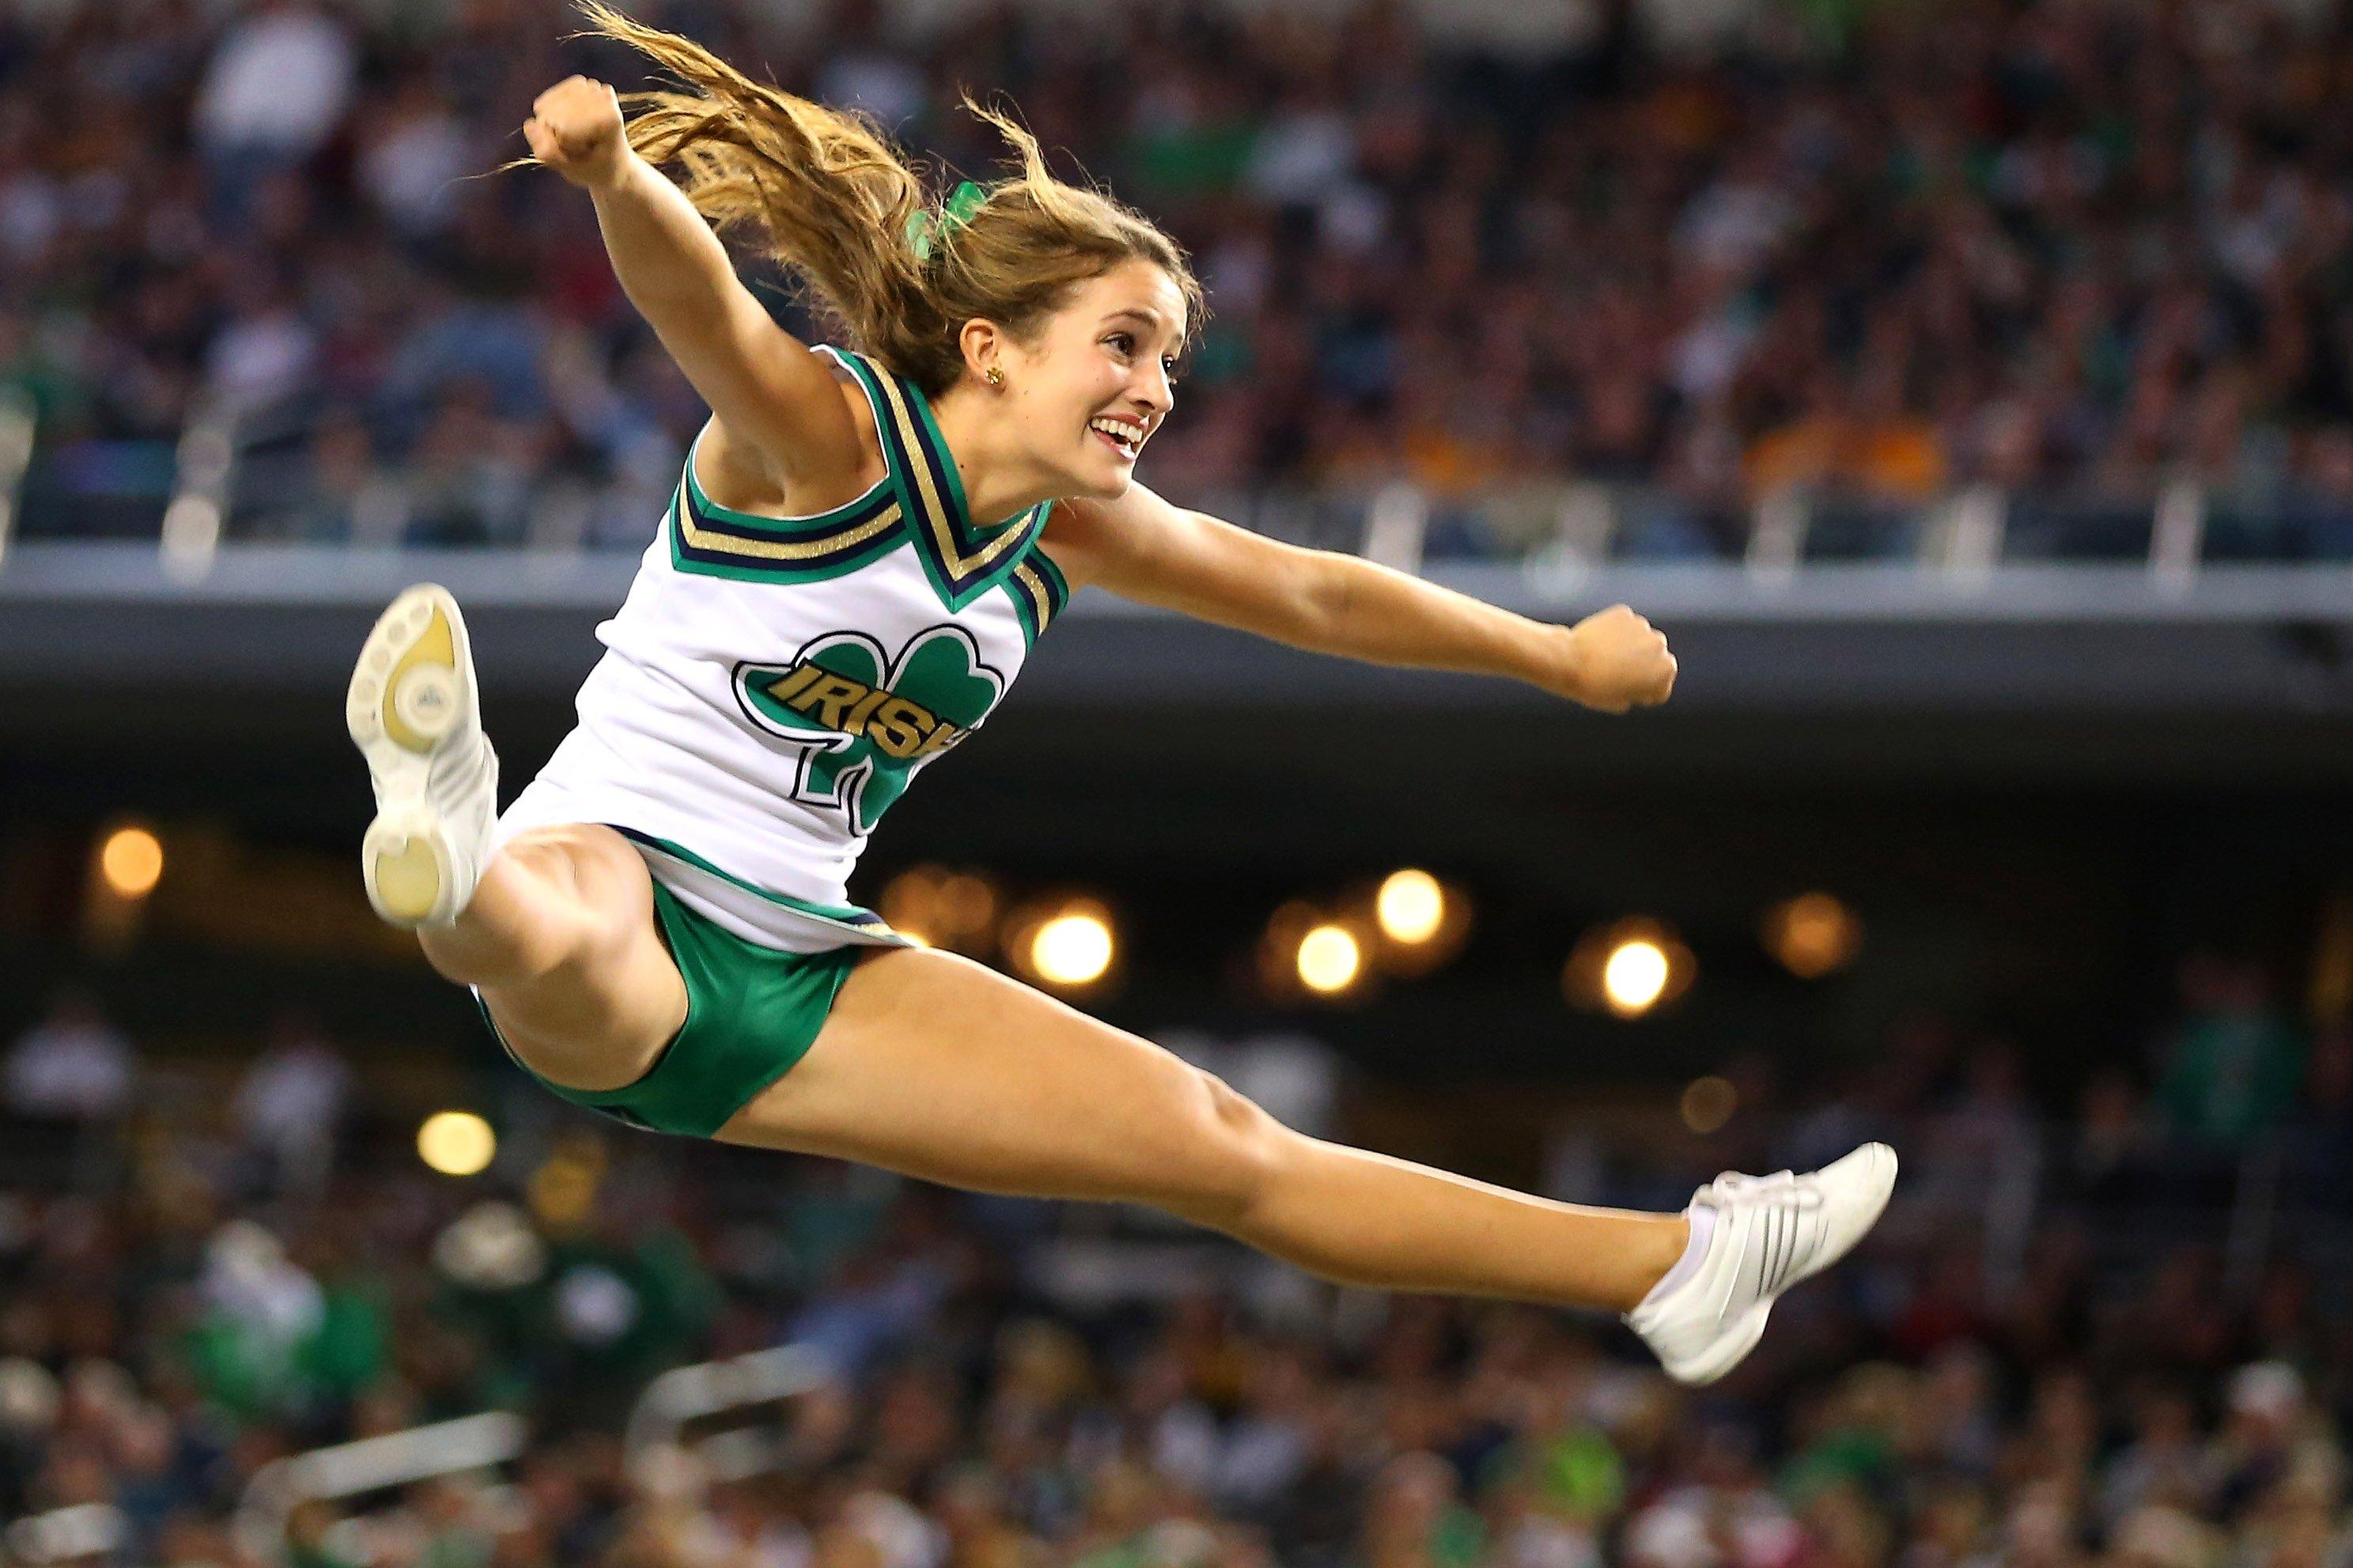 Cheerleader Backgrounds Free Download